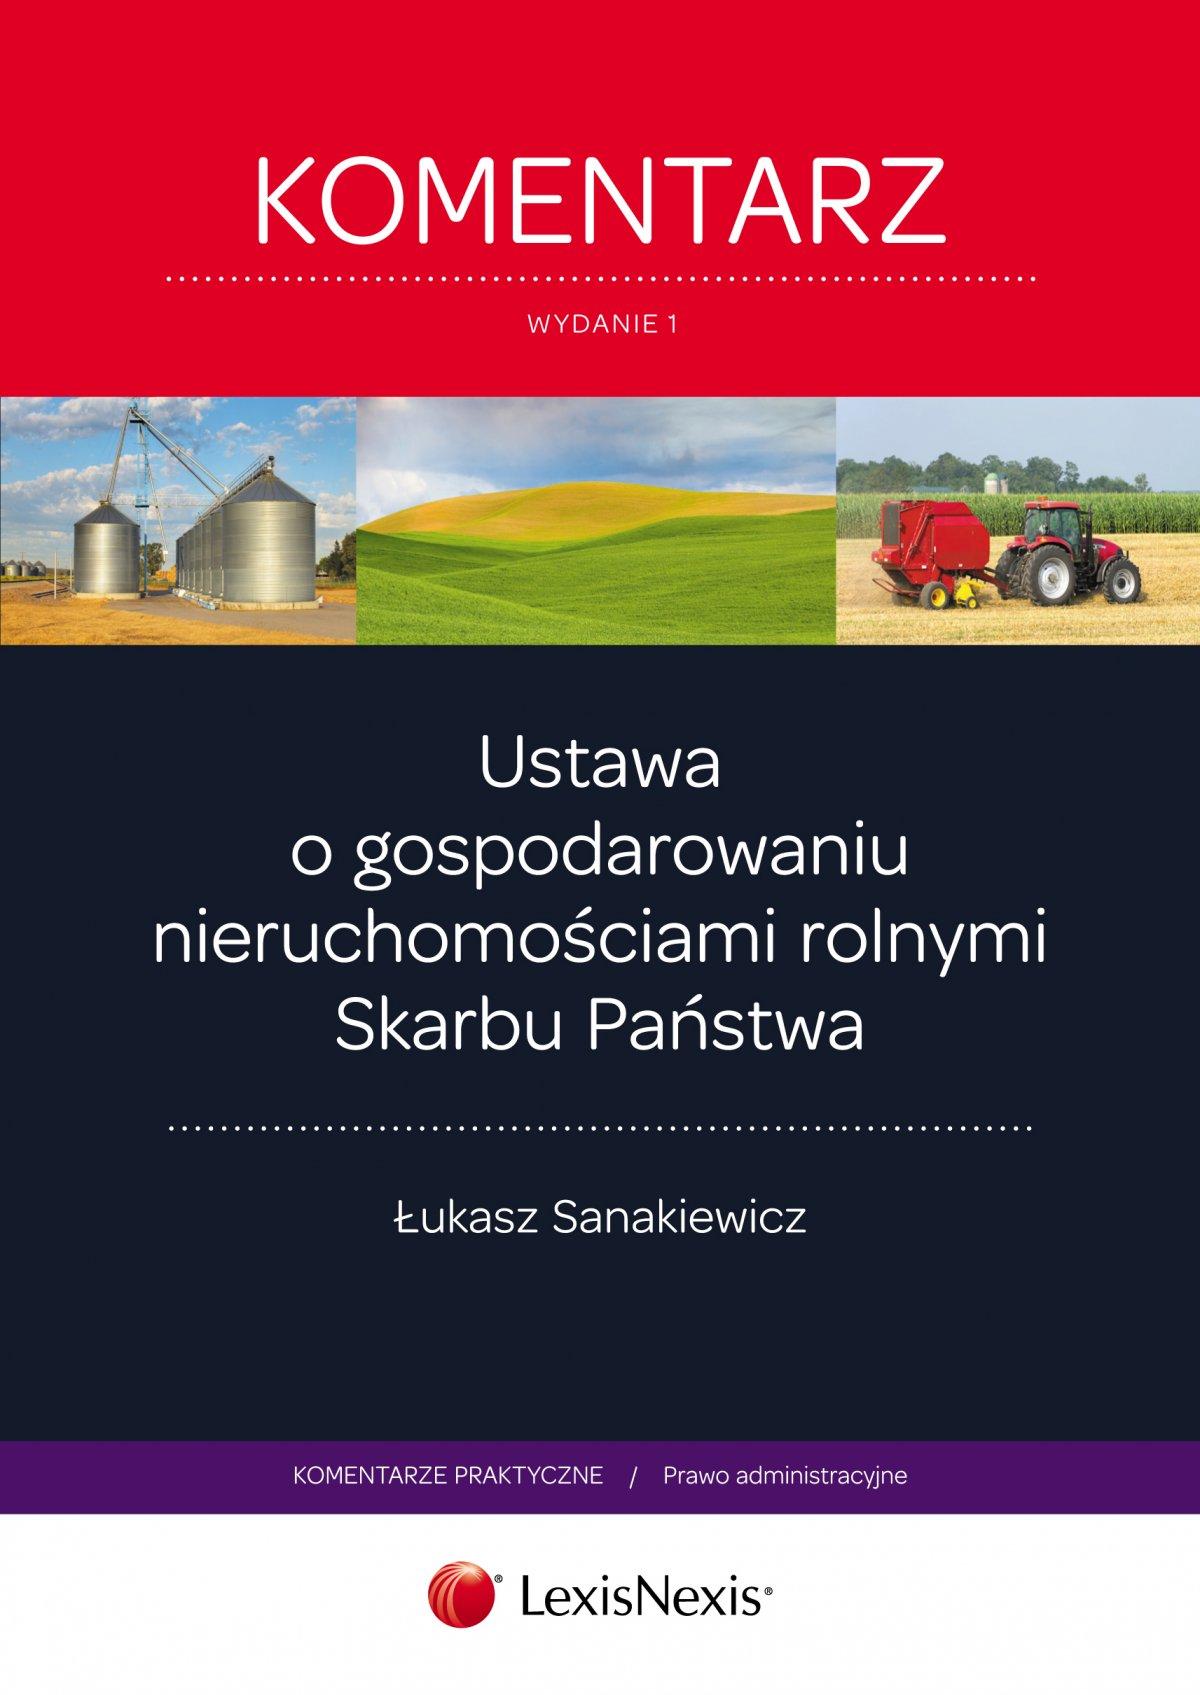 Ustawa o gospodarowaniu nieruchomościami rolnymi Skarbu Państwa. Komentarz. Wydanie 1 - Ebook (Książka EPUB) do pobrania w formacie EPUB